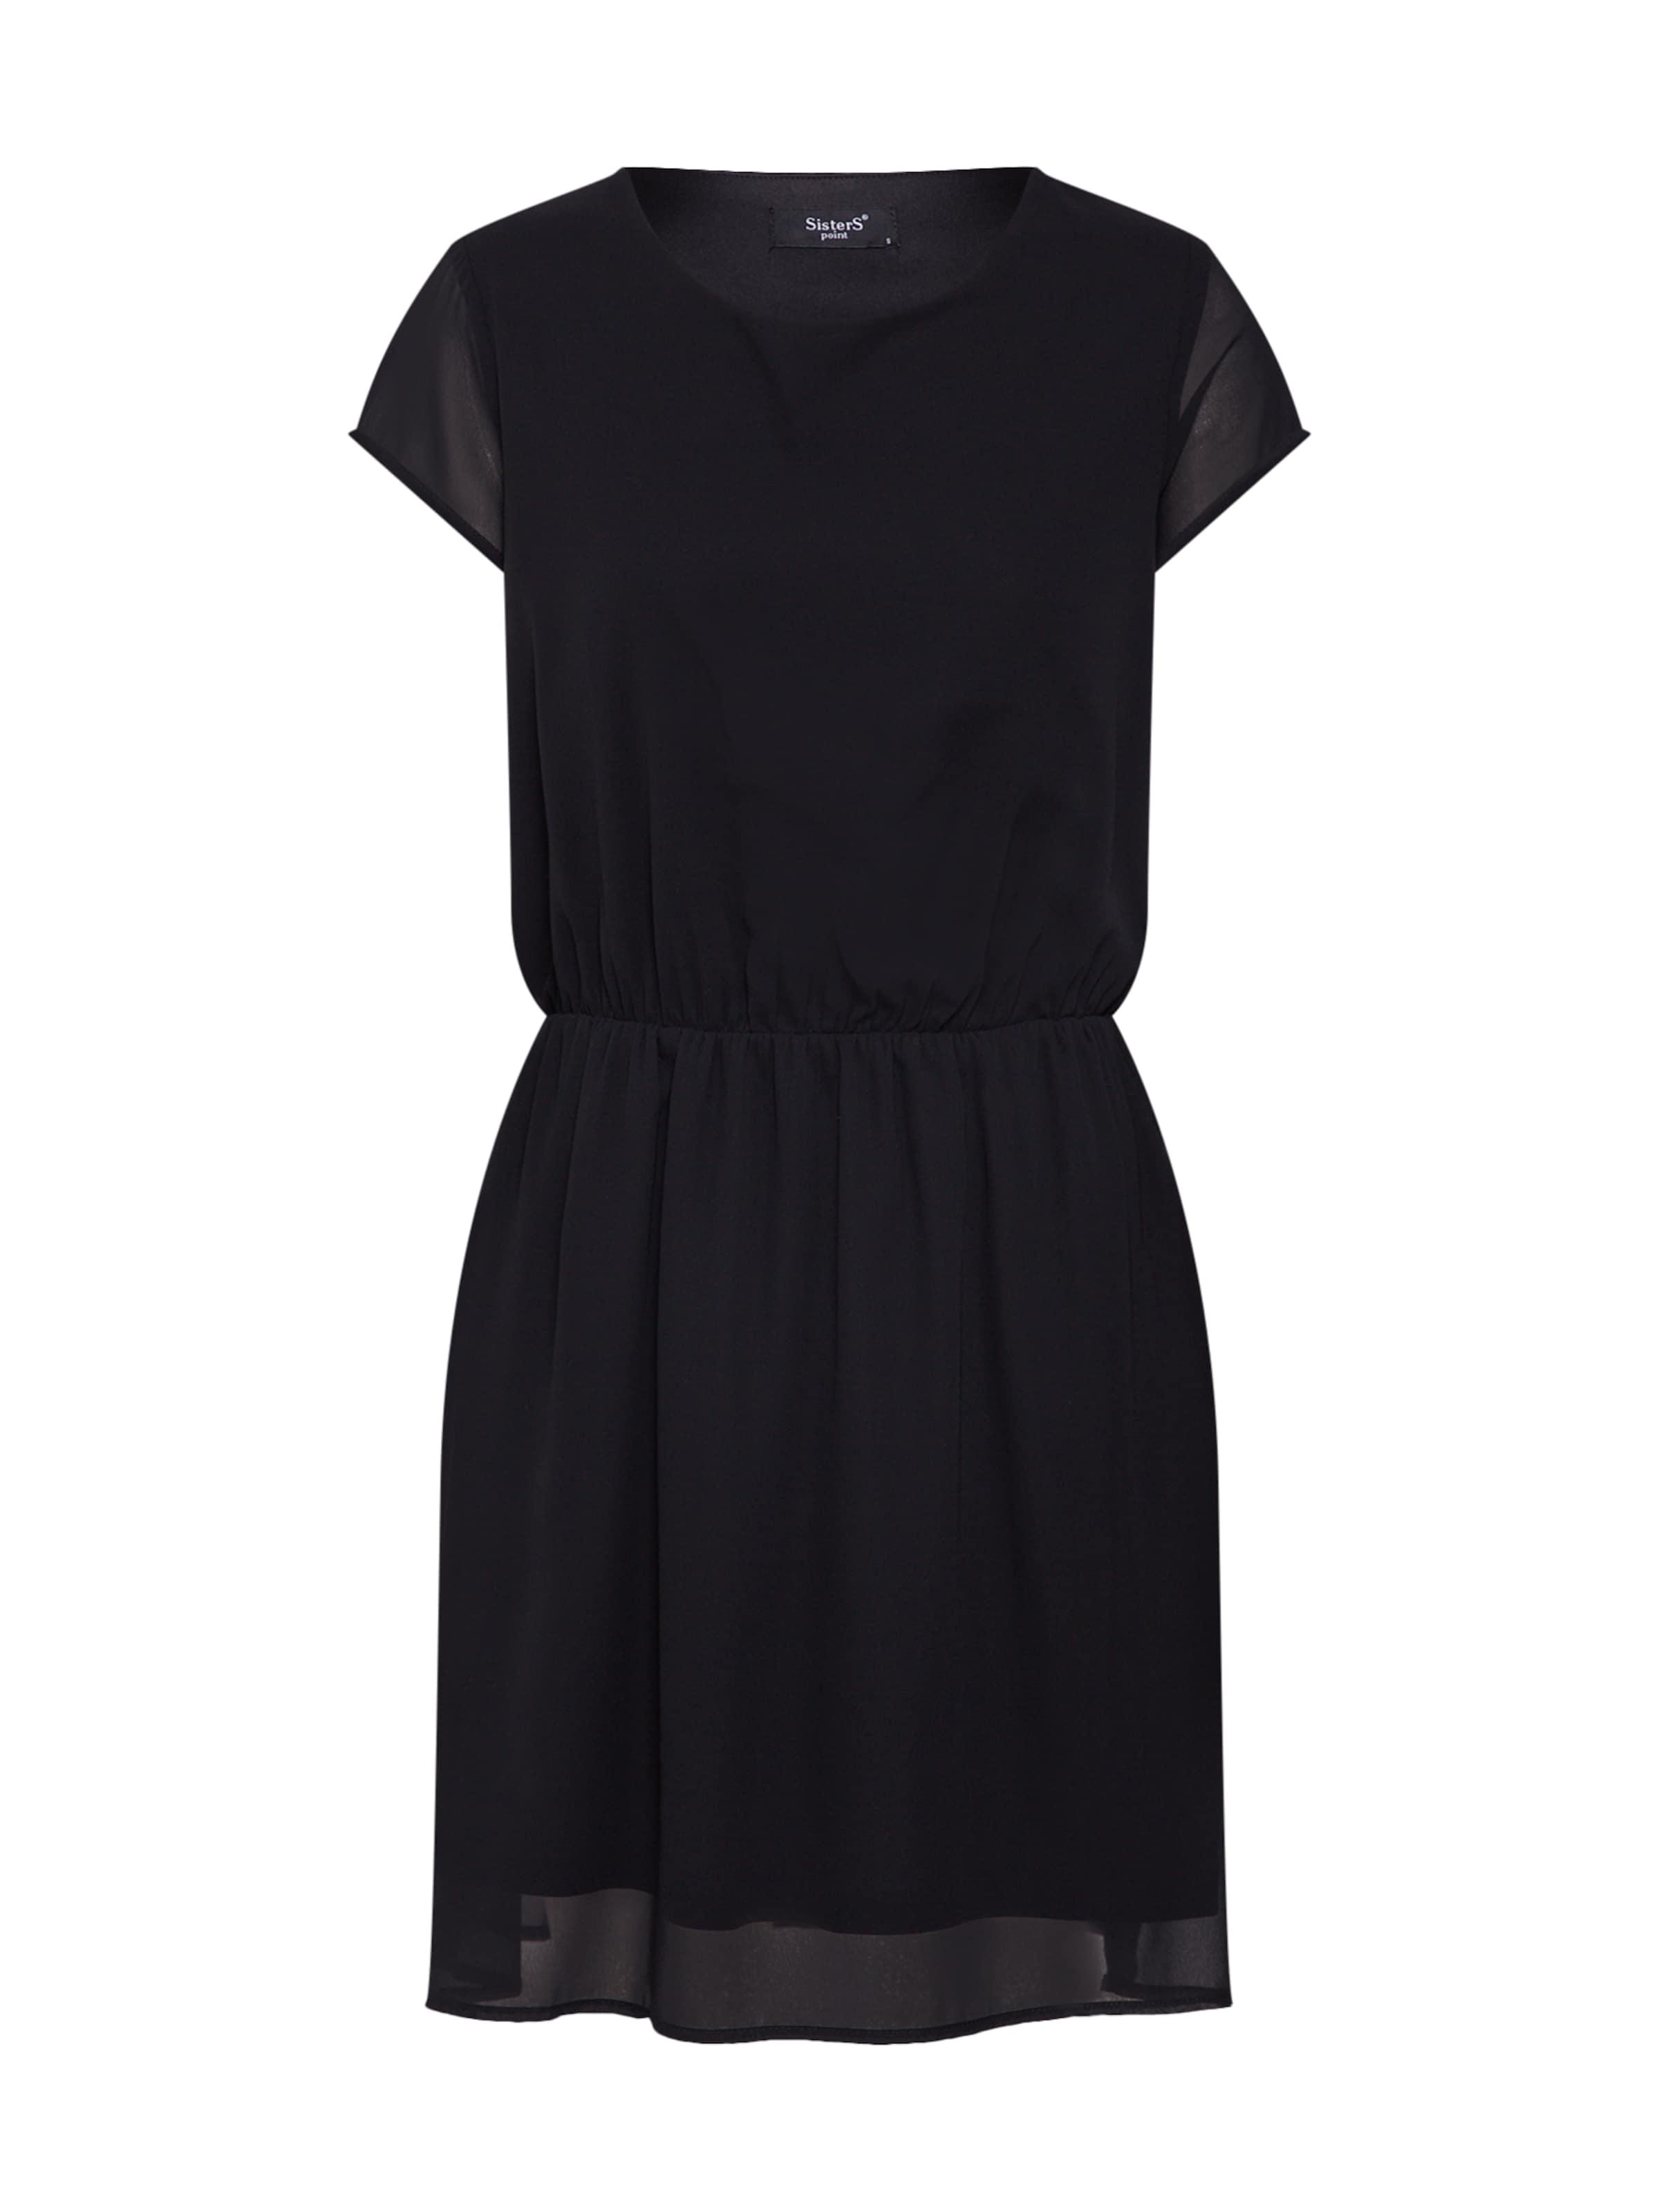 Noir Robe En Sisters Point 'wd 36' rdtsChQ